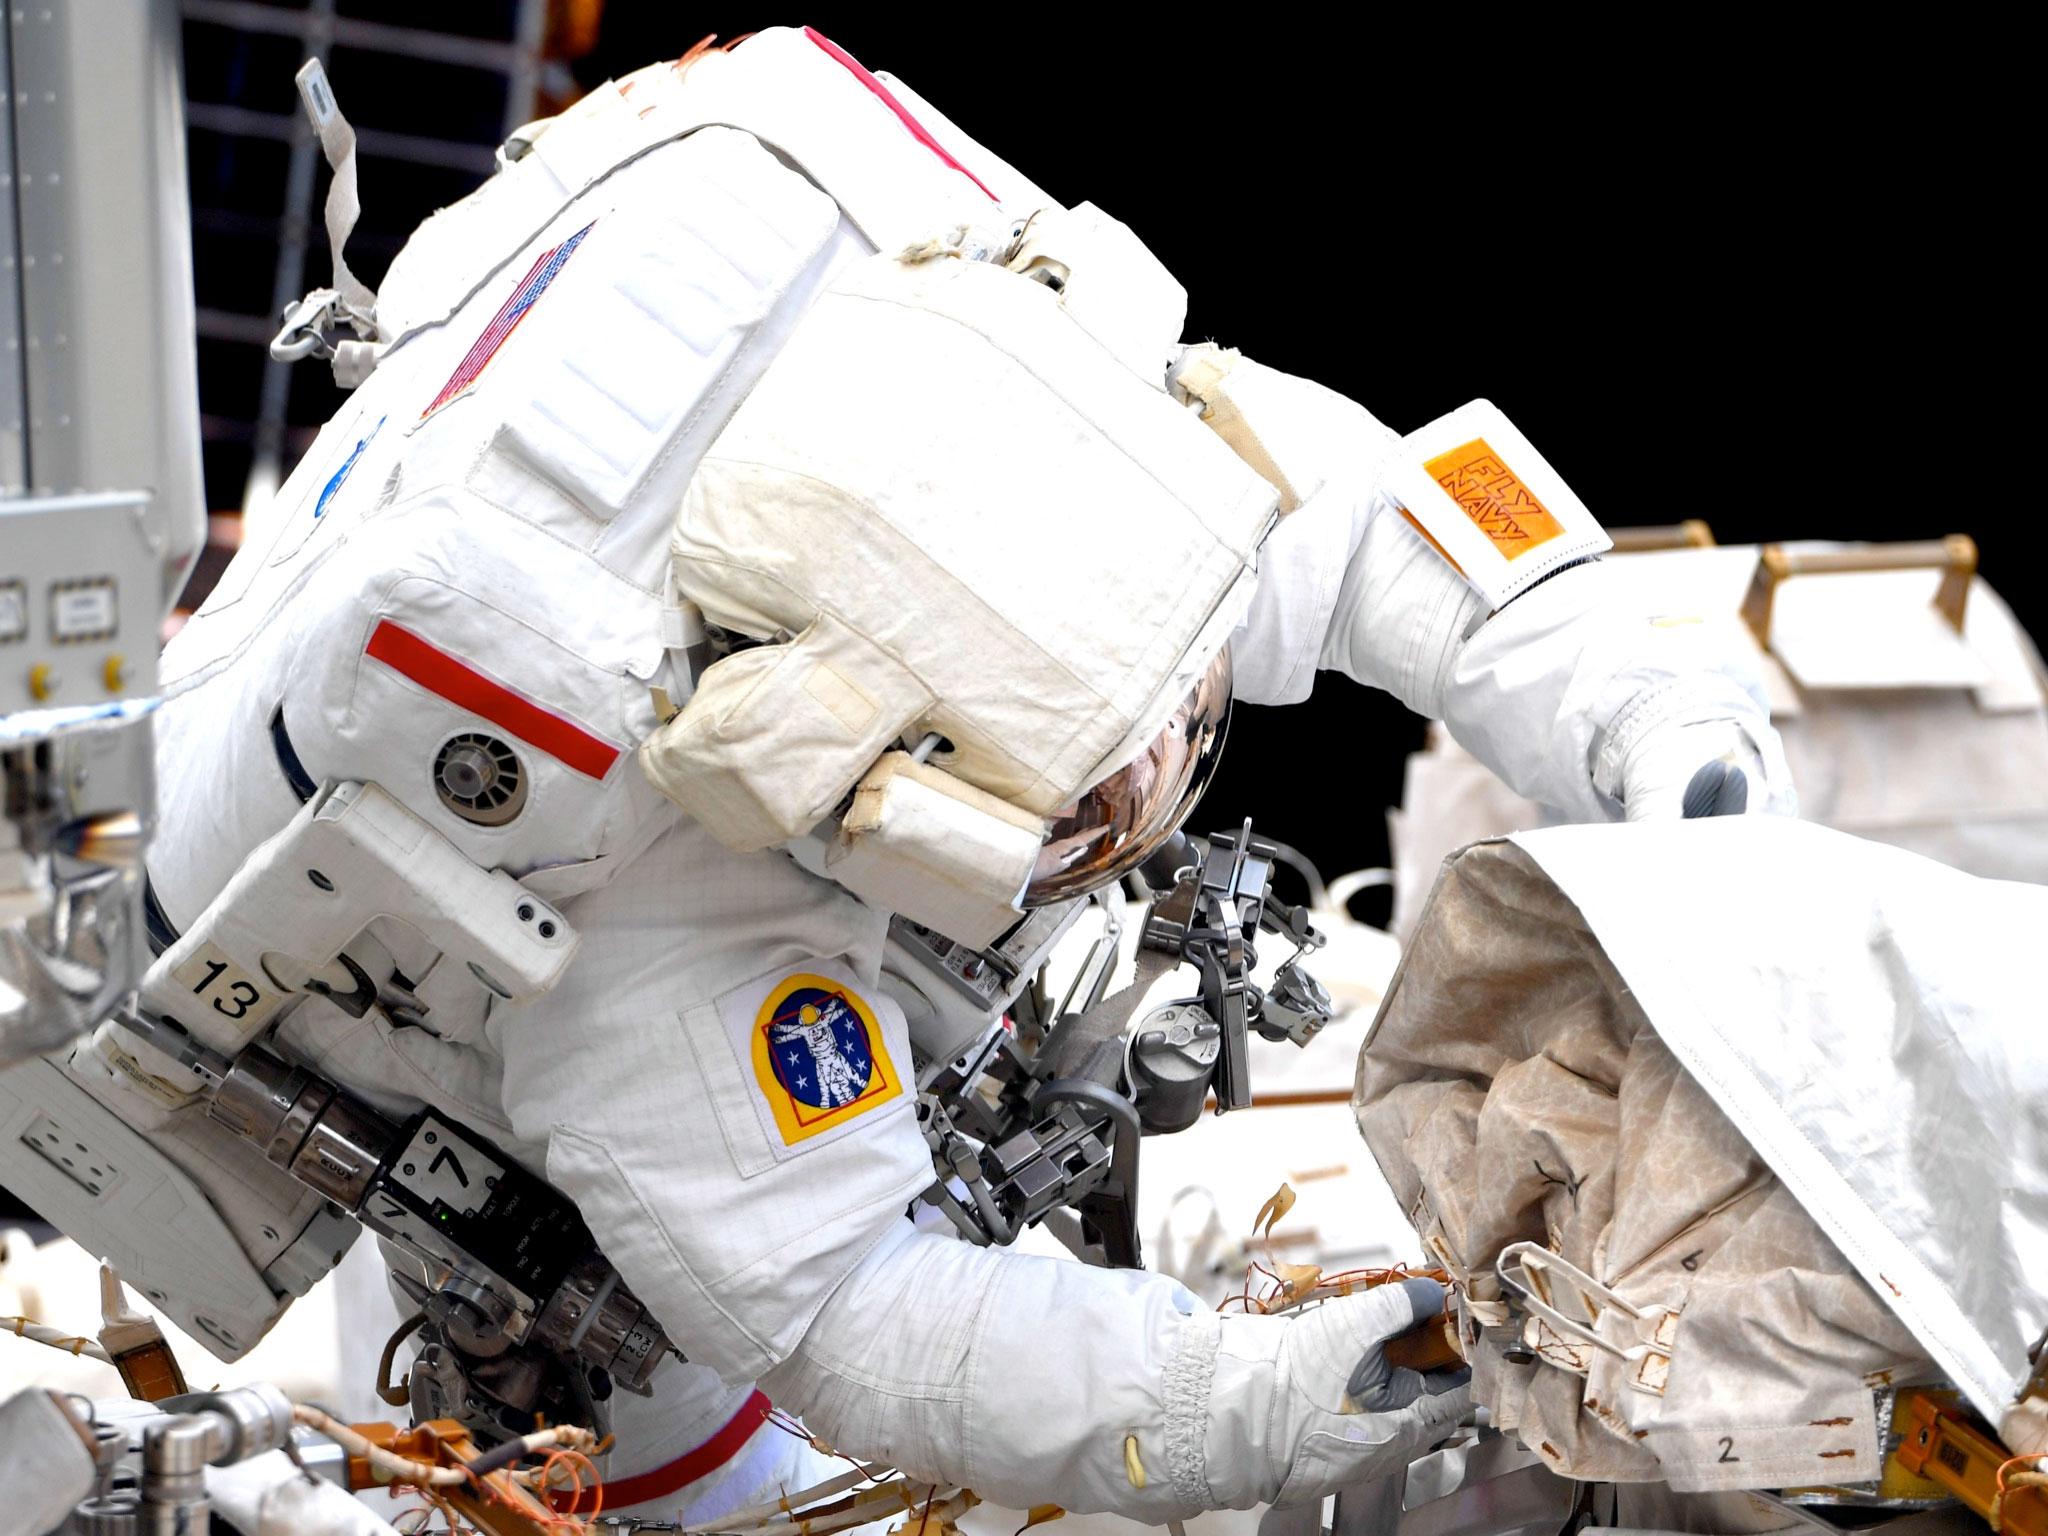 L'astronaute de la NASA Victor Glover, vu ici sur une photographie prise par l'astronaute de l'Agence japonaise d'exploration aérospatiale (JAXA) Soichi Noguchi depuis l'intérieur de la Station spatiale internationale, effectue une sortie dans l'espace avec l'astronaute de la NASA Michael Hopkins le samedi 13 mars 2021.